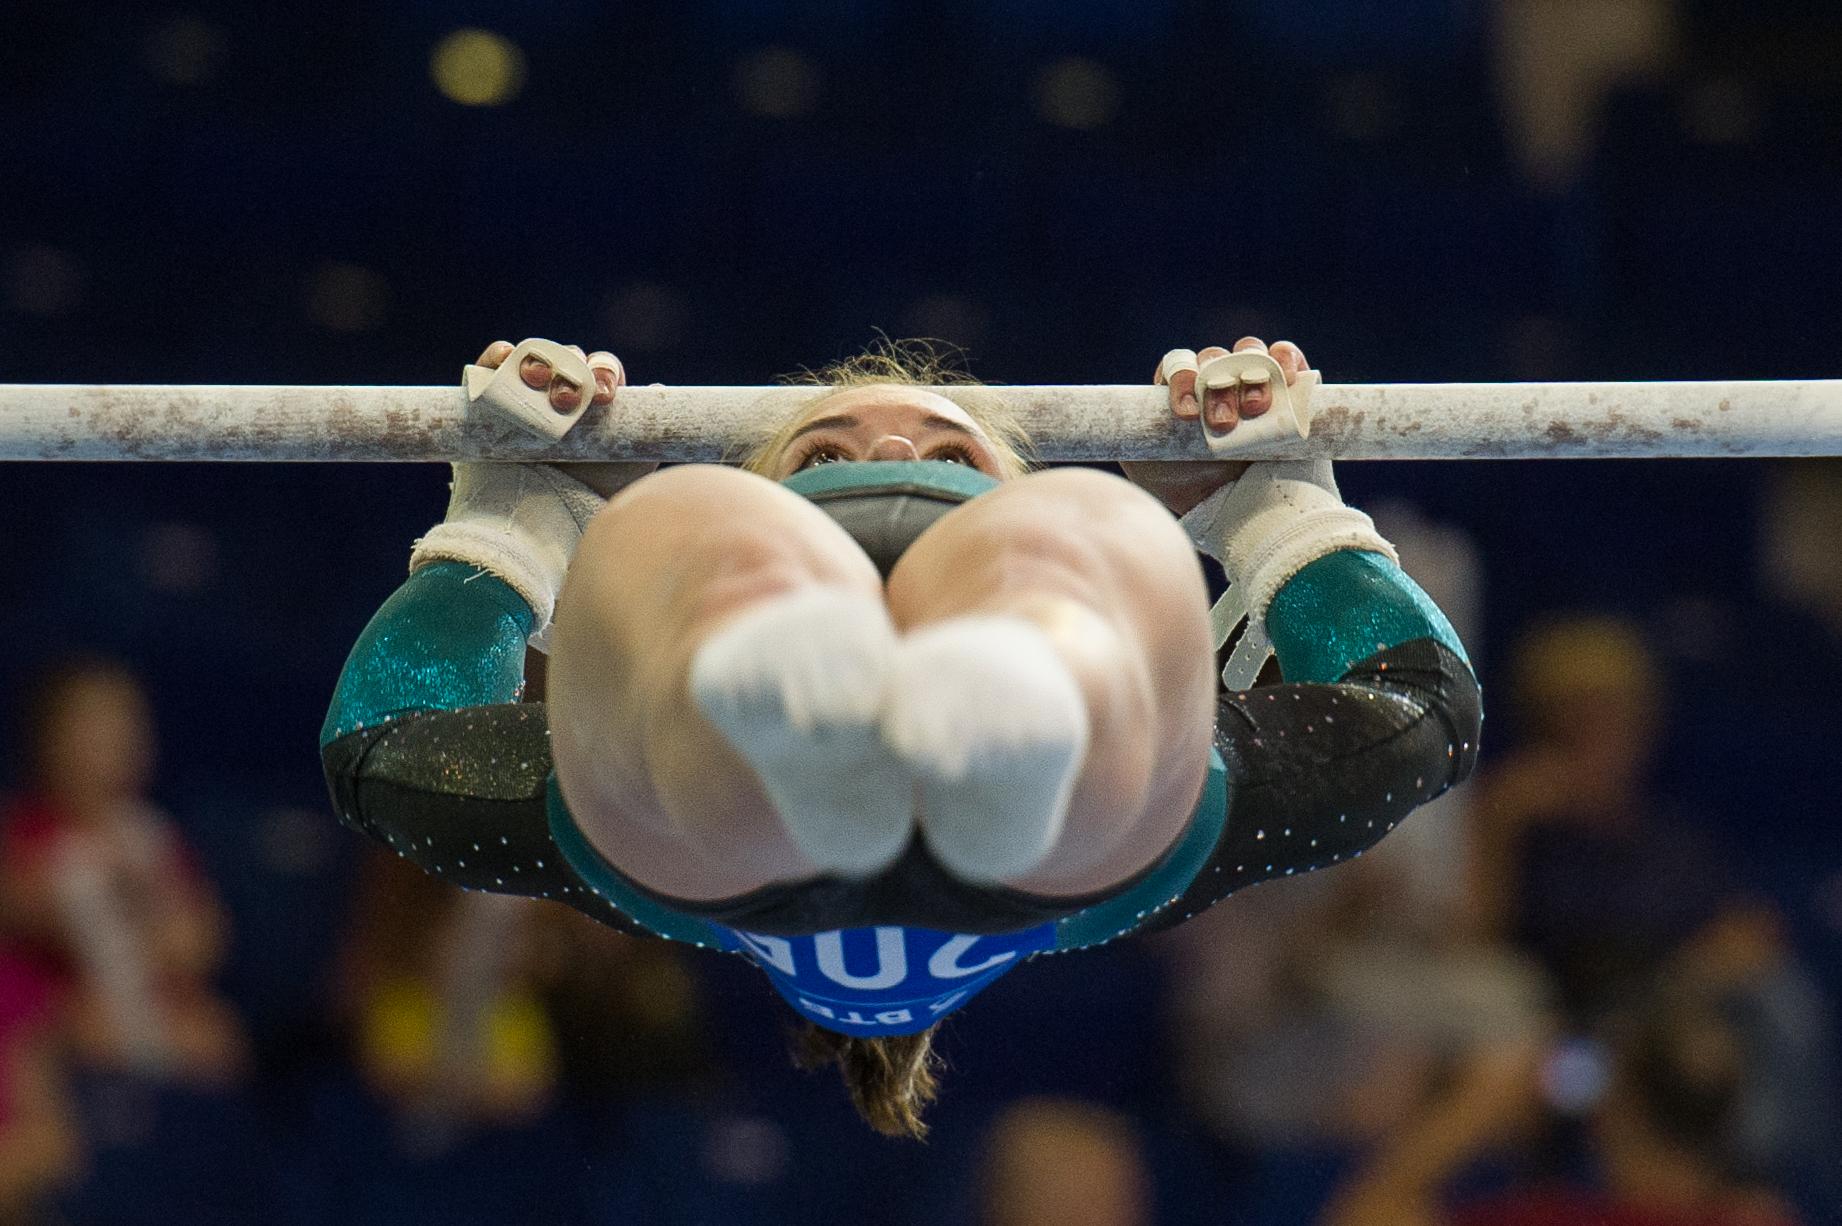 В спорткомплексе дети будут заниматься гимнастикой, танцами и воркаутом